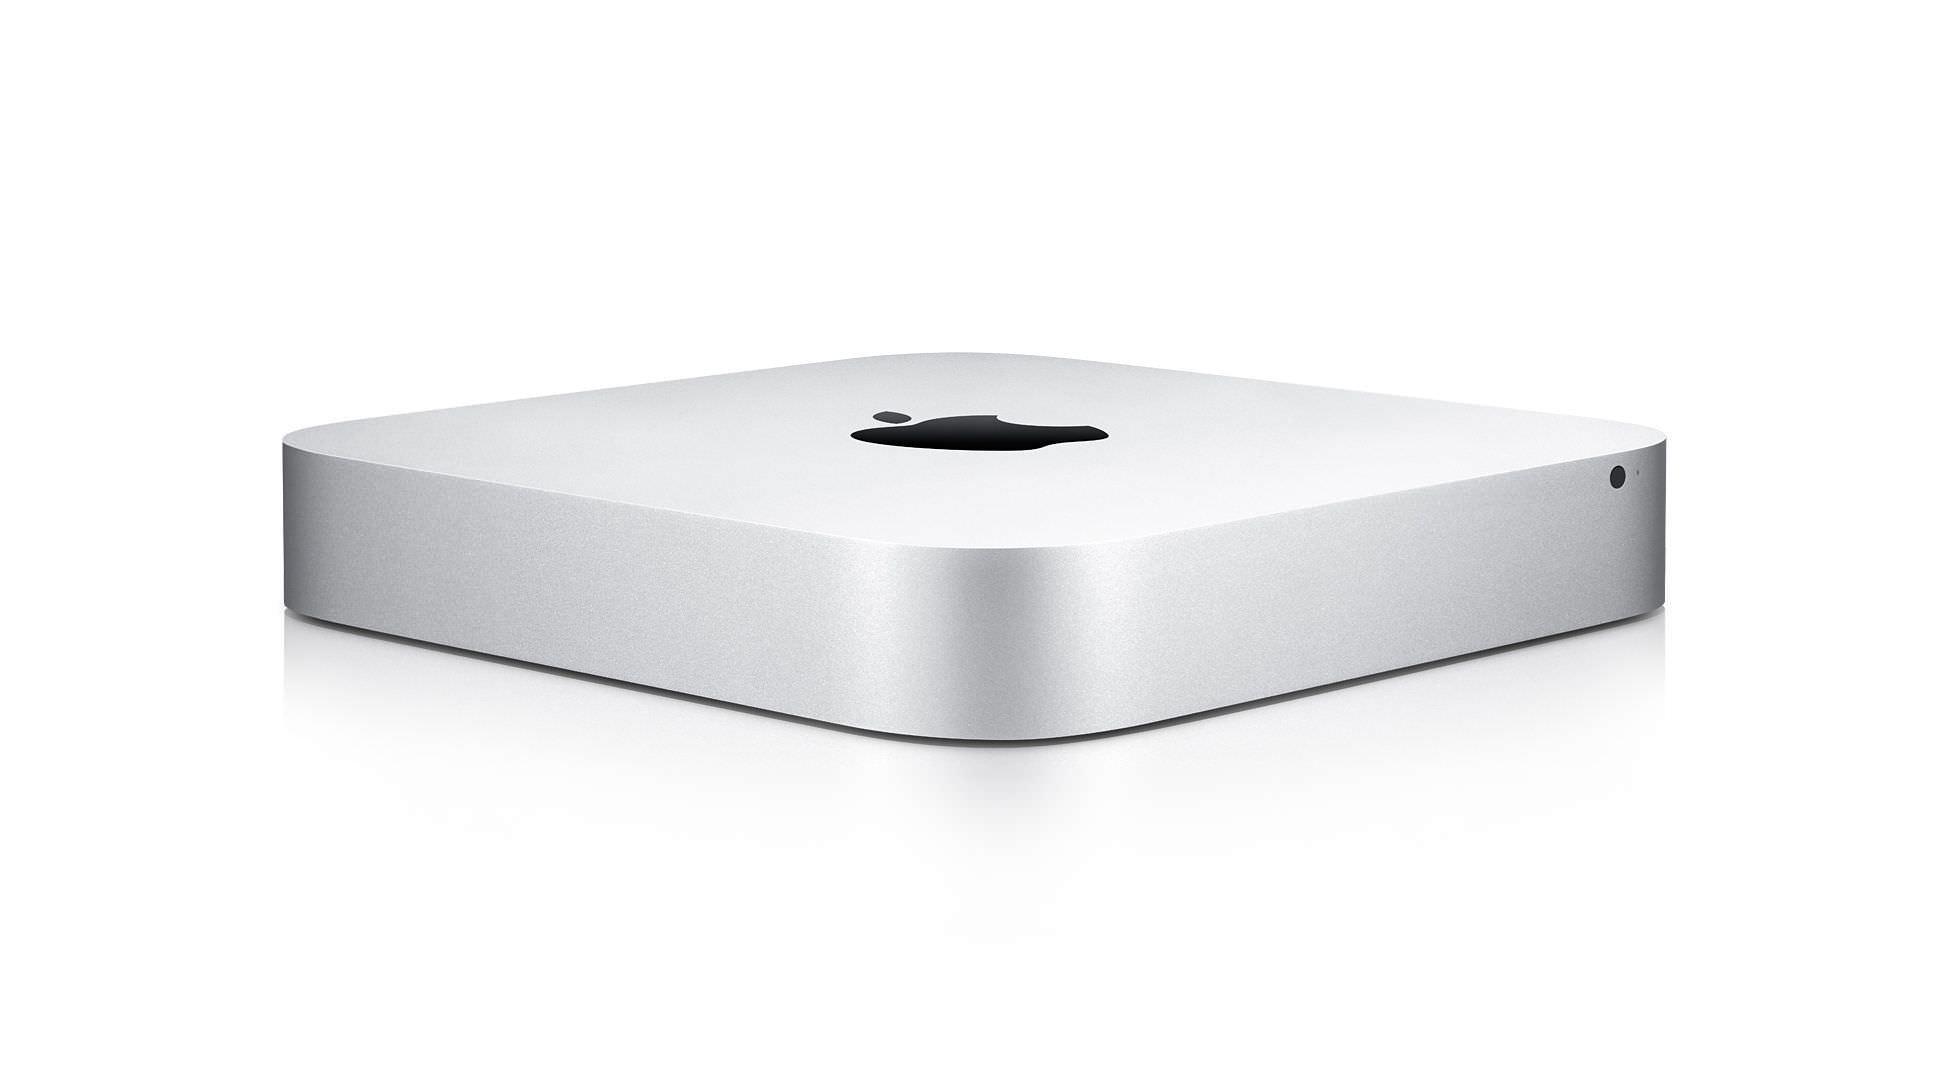 Производство Mac mini переезжает в США